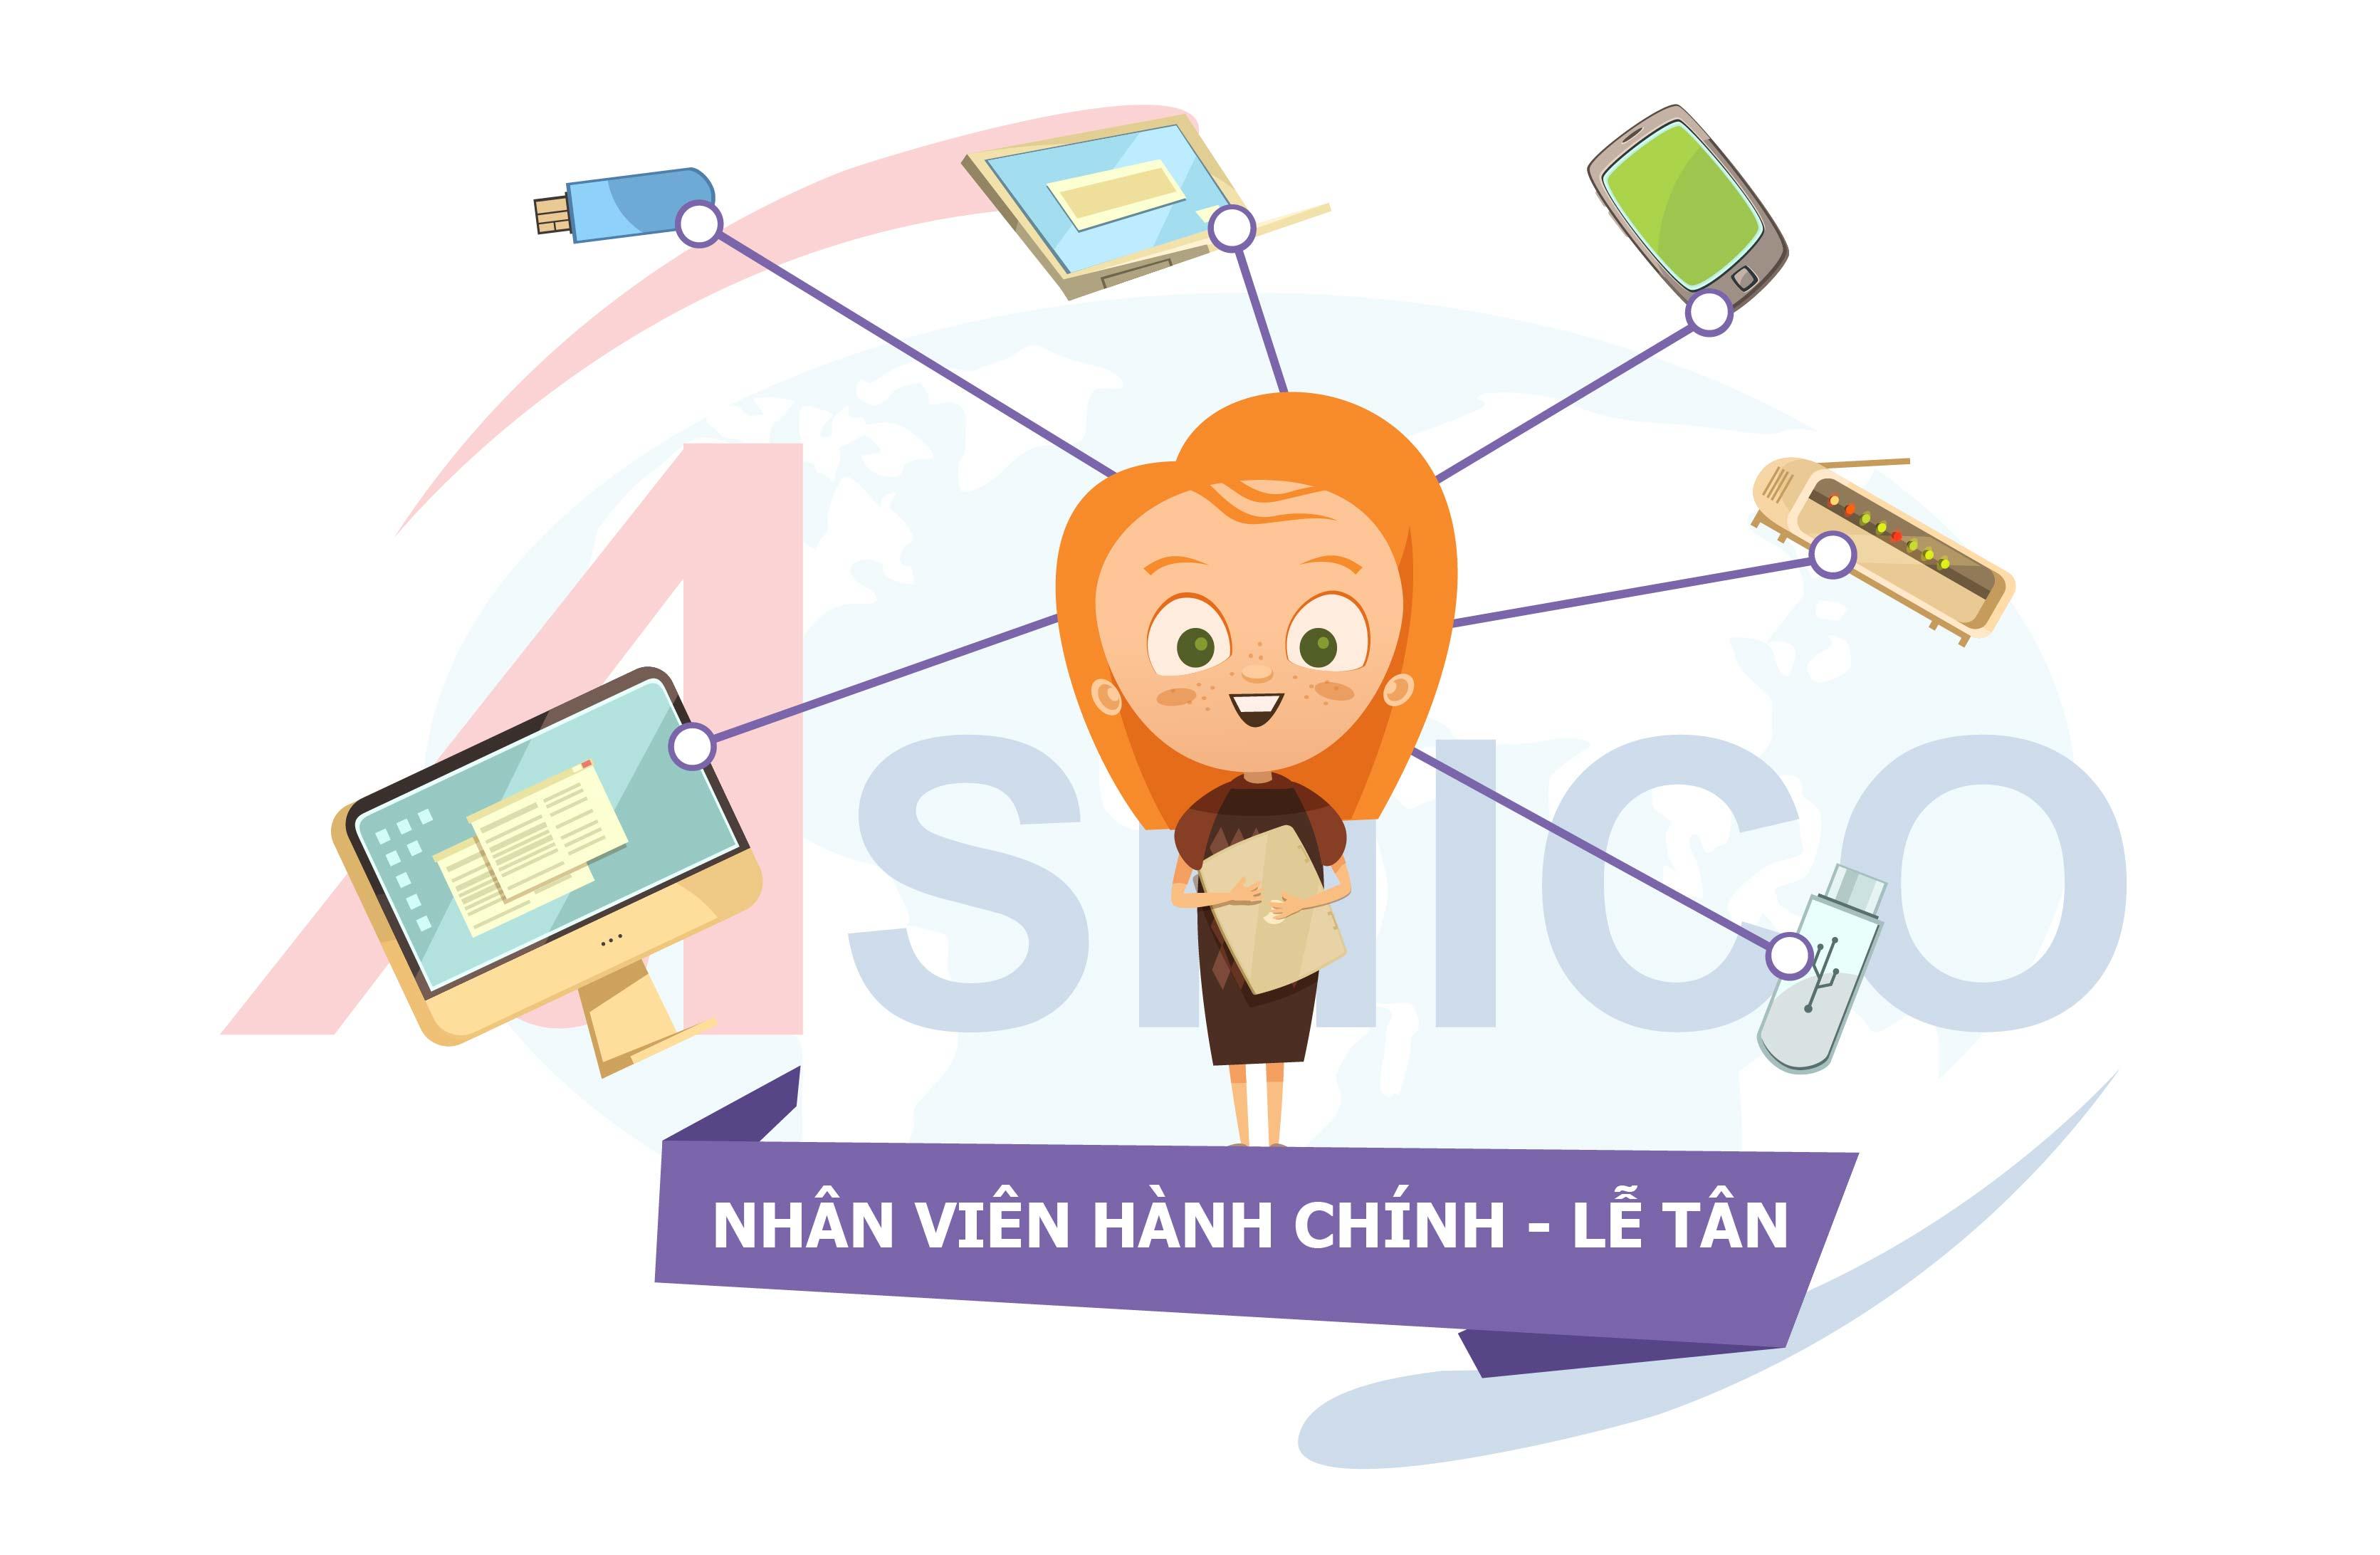 Tuyển dụng vị trí Nhân viên Hành chính - Lễ tân tại Hà Nội